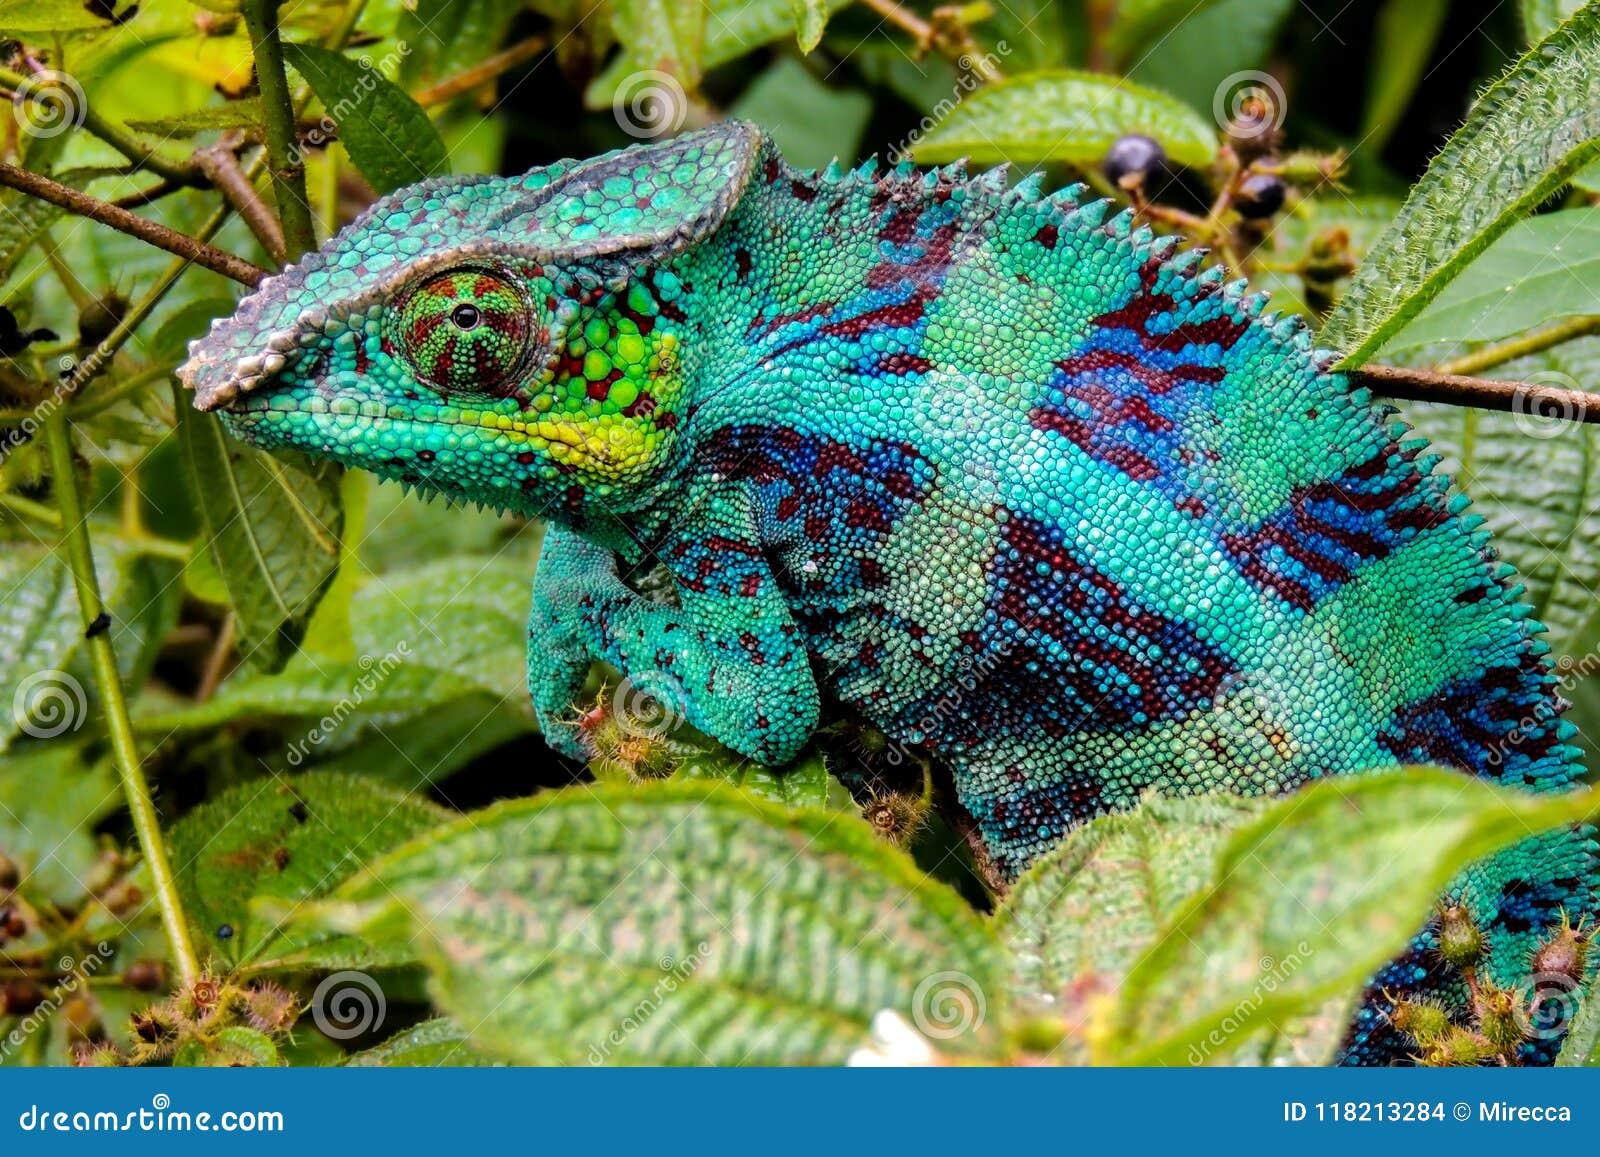 豹变色蜥蜴拉特 Furcifer pardalis马达加斯加